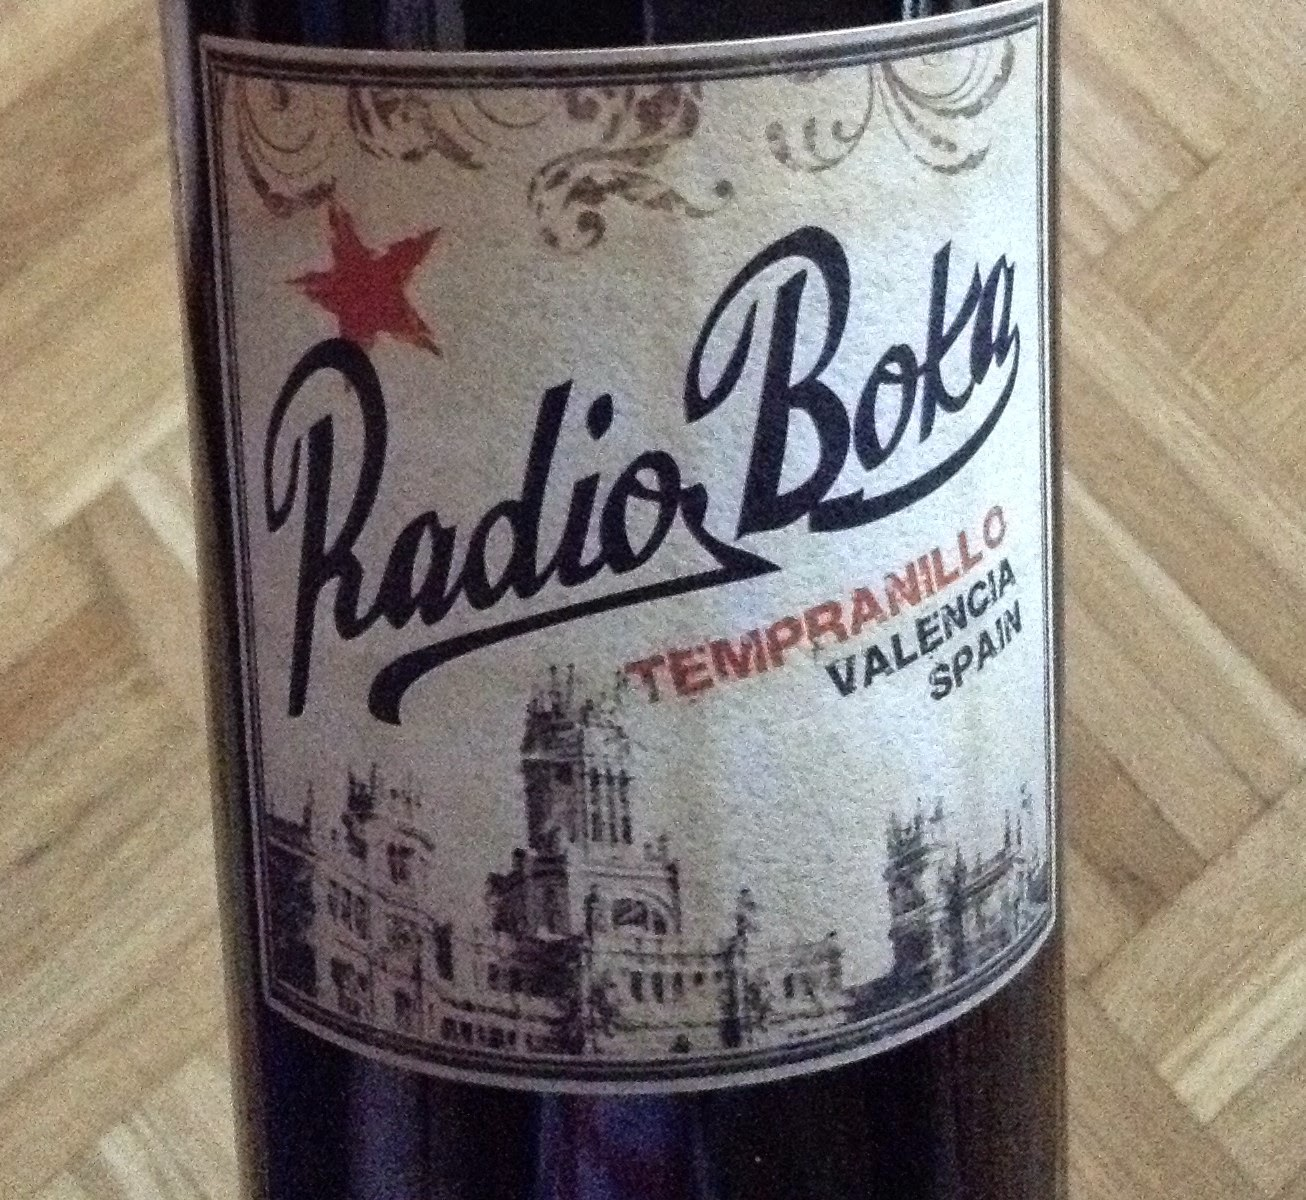 Radio Boka Tempranillo wine from Valencia, Spain